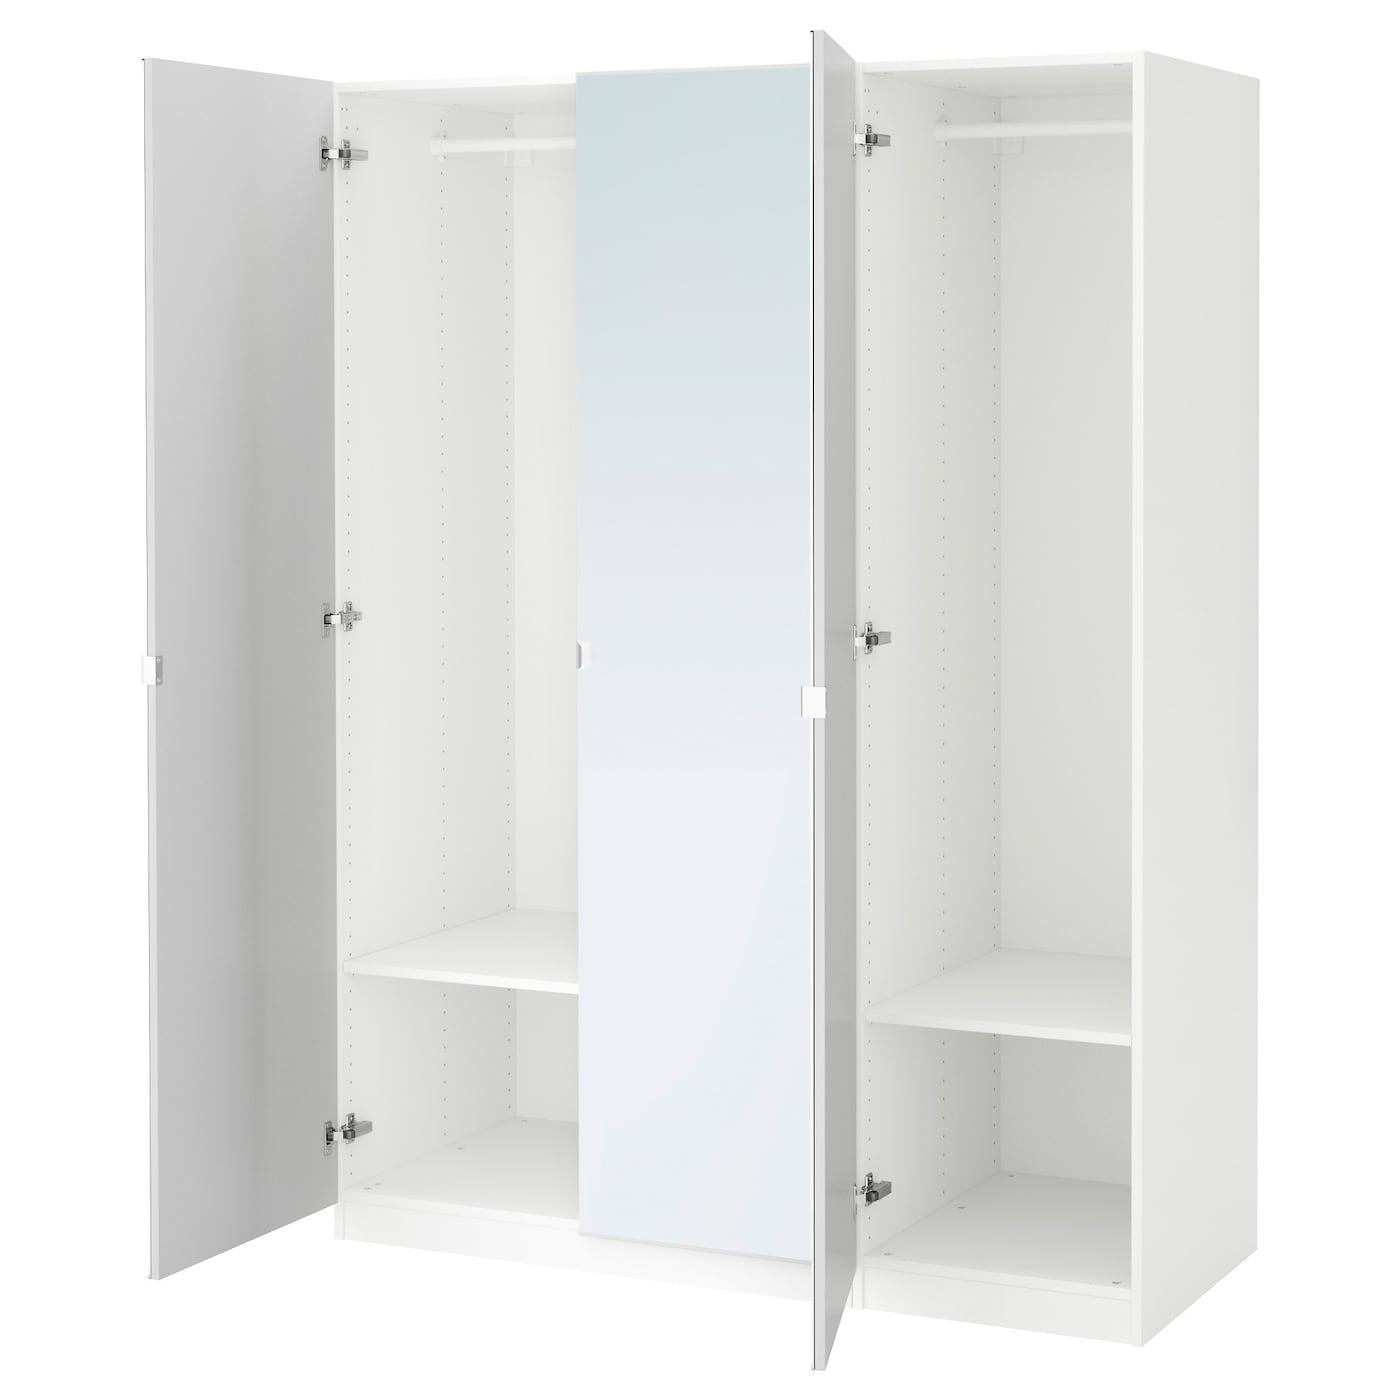 Pax wardrobe white vikedal mirror glass 150x60x201 cm ikea for Mirror wardrobe